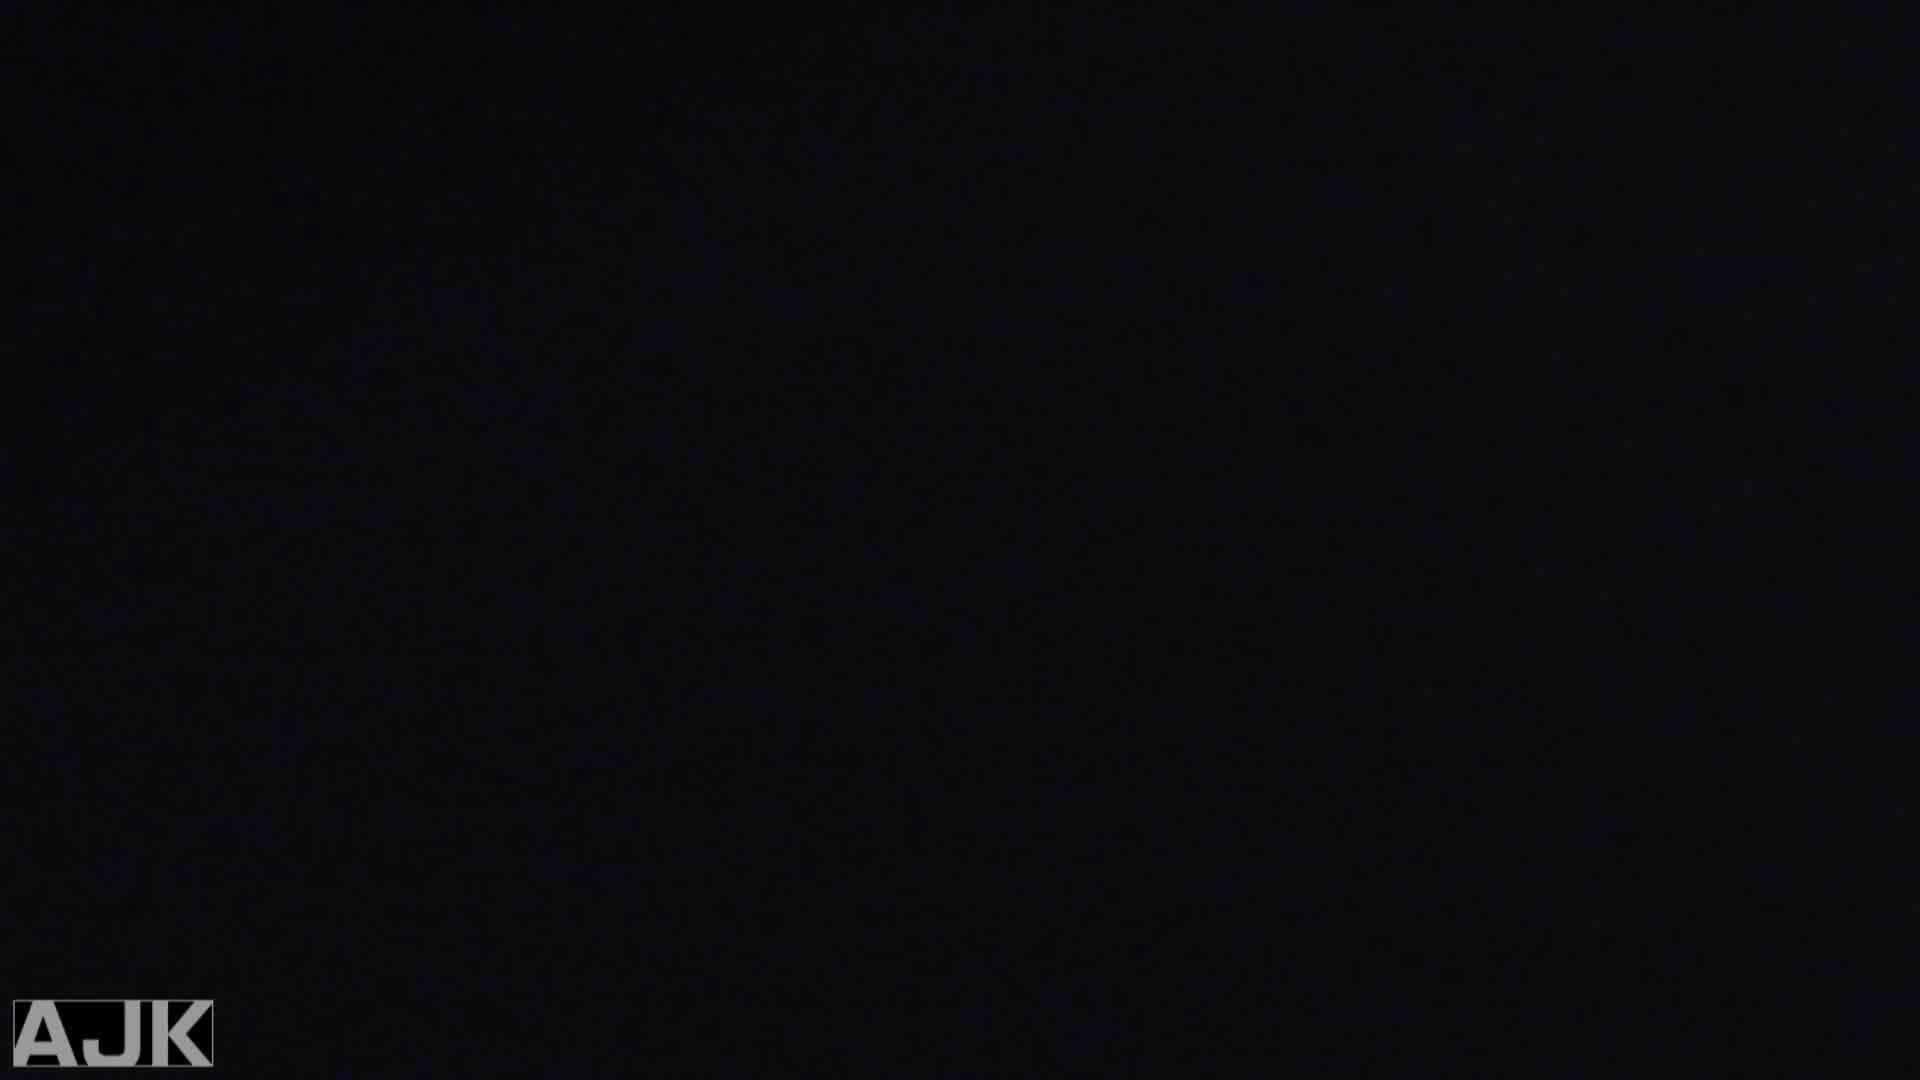 神降臨!史上最強の潜入かわや! vol.23 肛門 盗撮おめこ無修正動画無料 78PICs 13